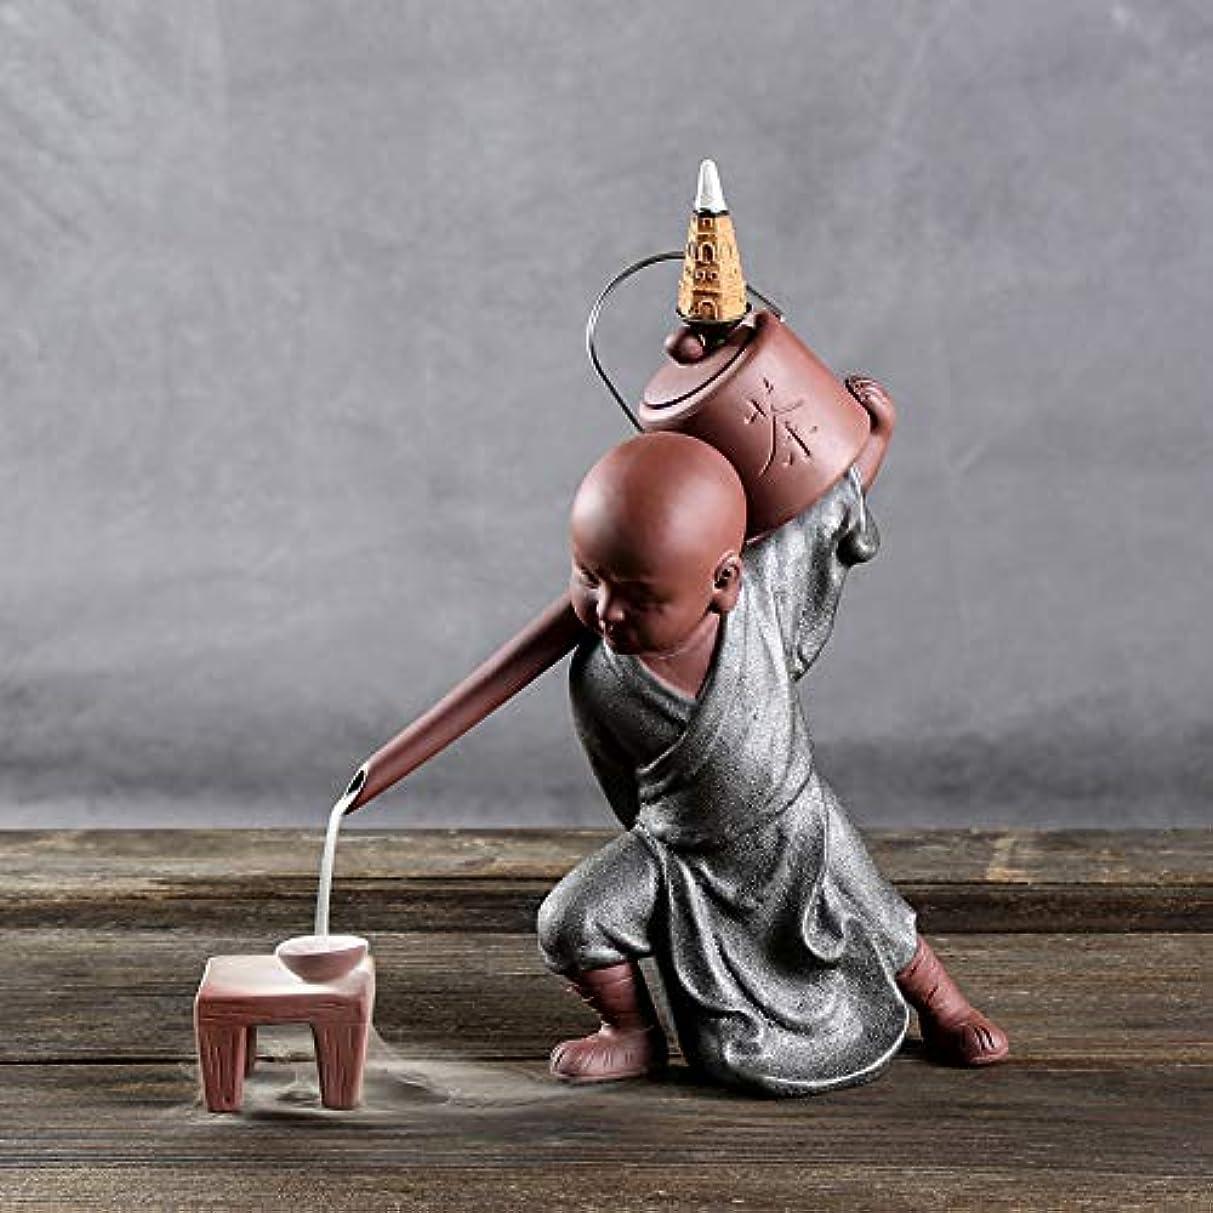 古くなった検索エンジンマーケティング特異性PHILOGOD 陶器香炉 セラミックスポッター逆流香炉 僧侶は水を注ぐモデリング仏壇用香炉 お香 ホルダー (style2)